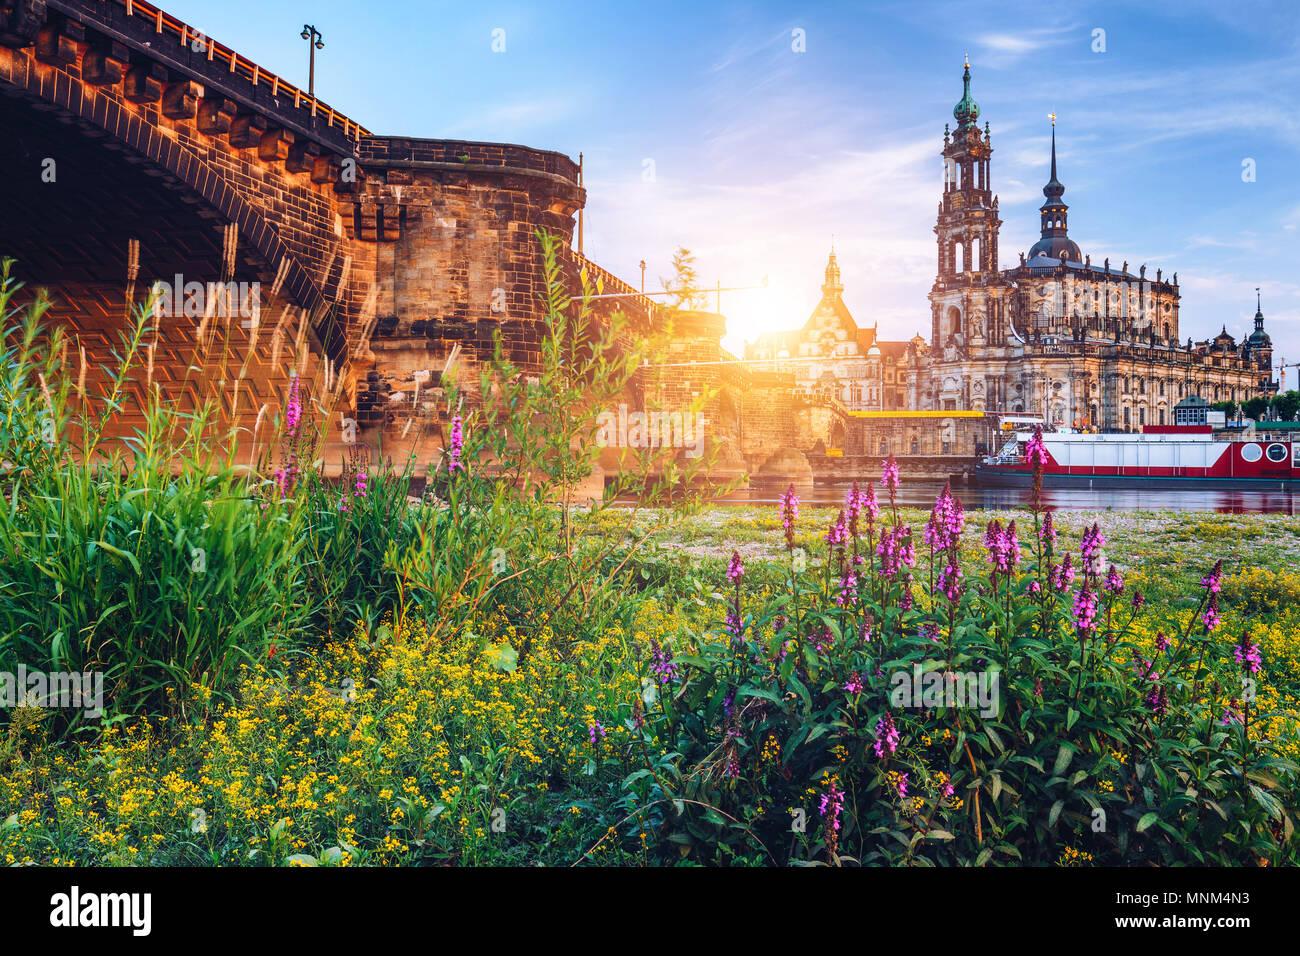 Augustusbrücke (Augustusbrucke) und die Kathedrale der Heiligen Dreifaltigkeit (Hofkirche) über die Elbe in Dresden, Deutschland, Sachsen. Stockbild